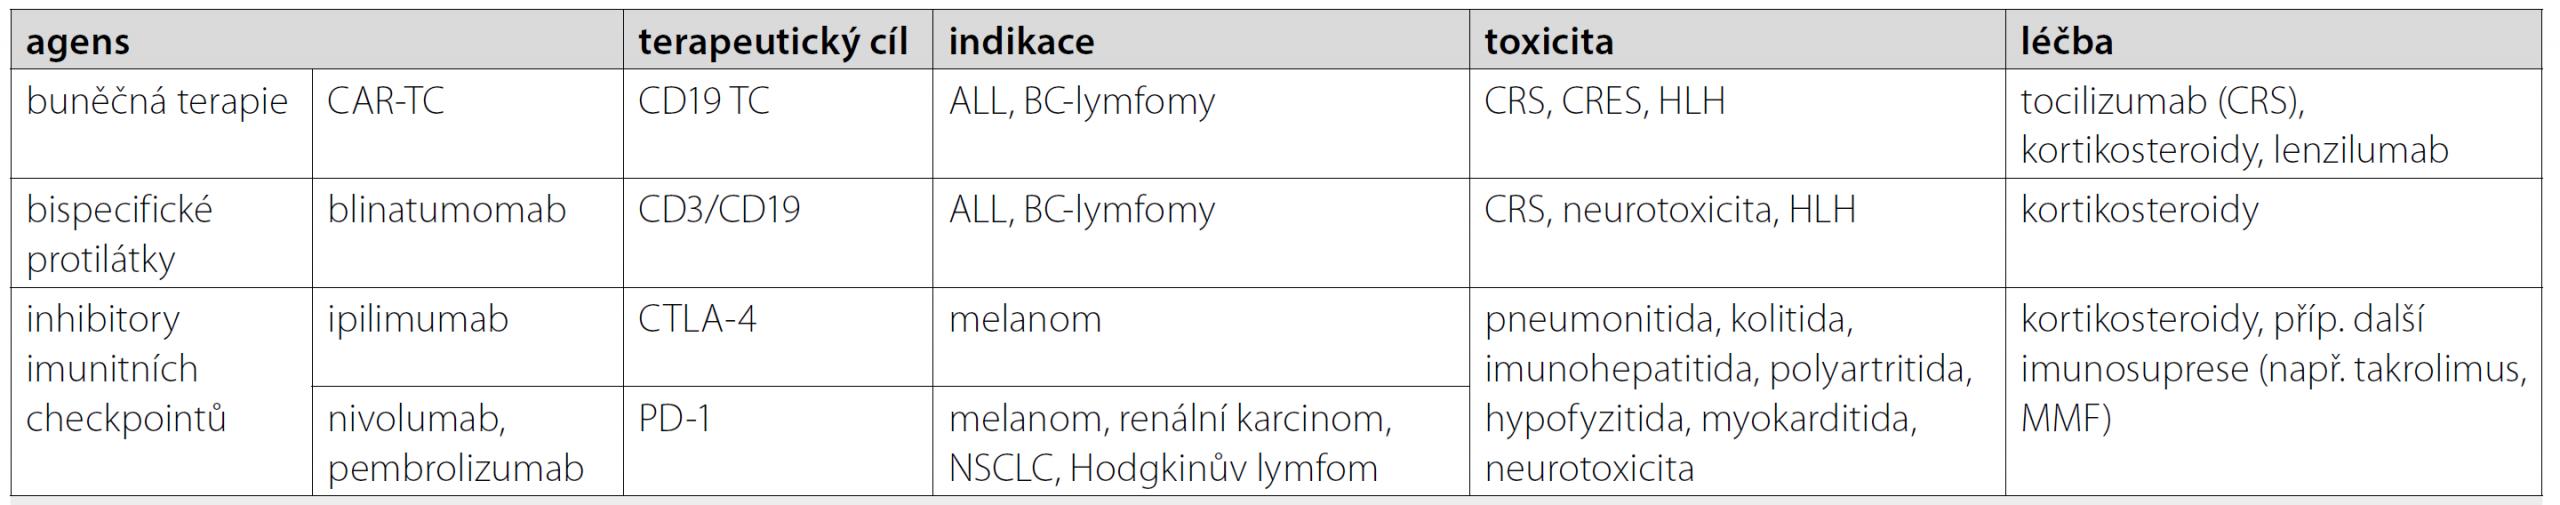 Vybraná imunomodulační léčba malignit, její toxicita, komplikace a léčba